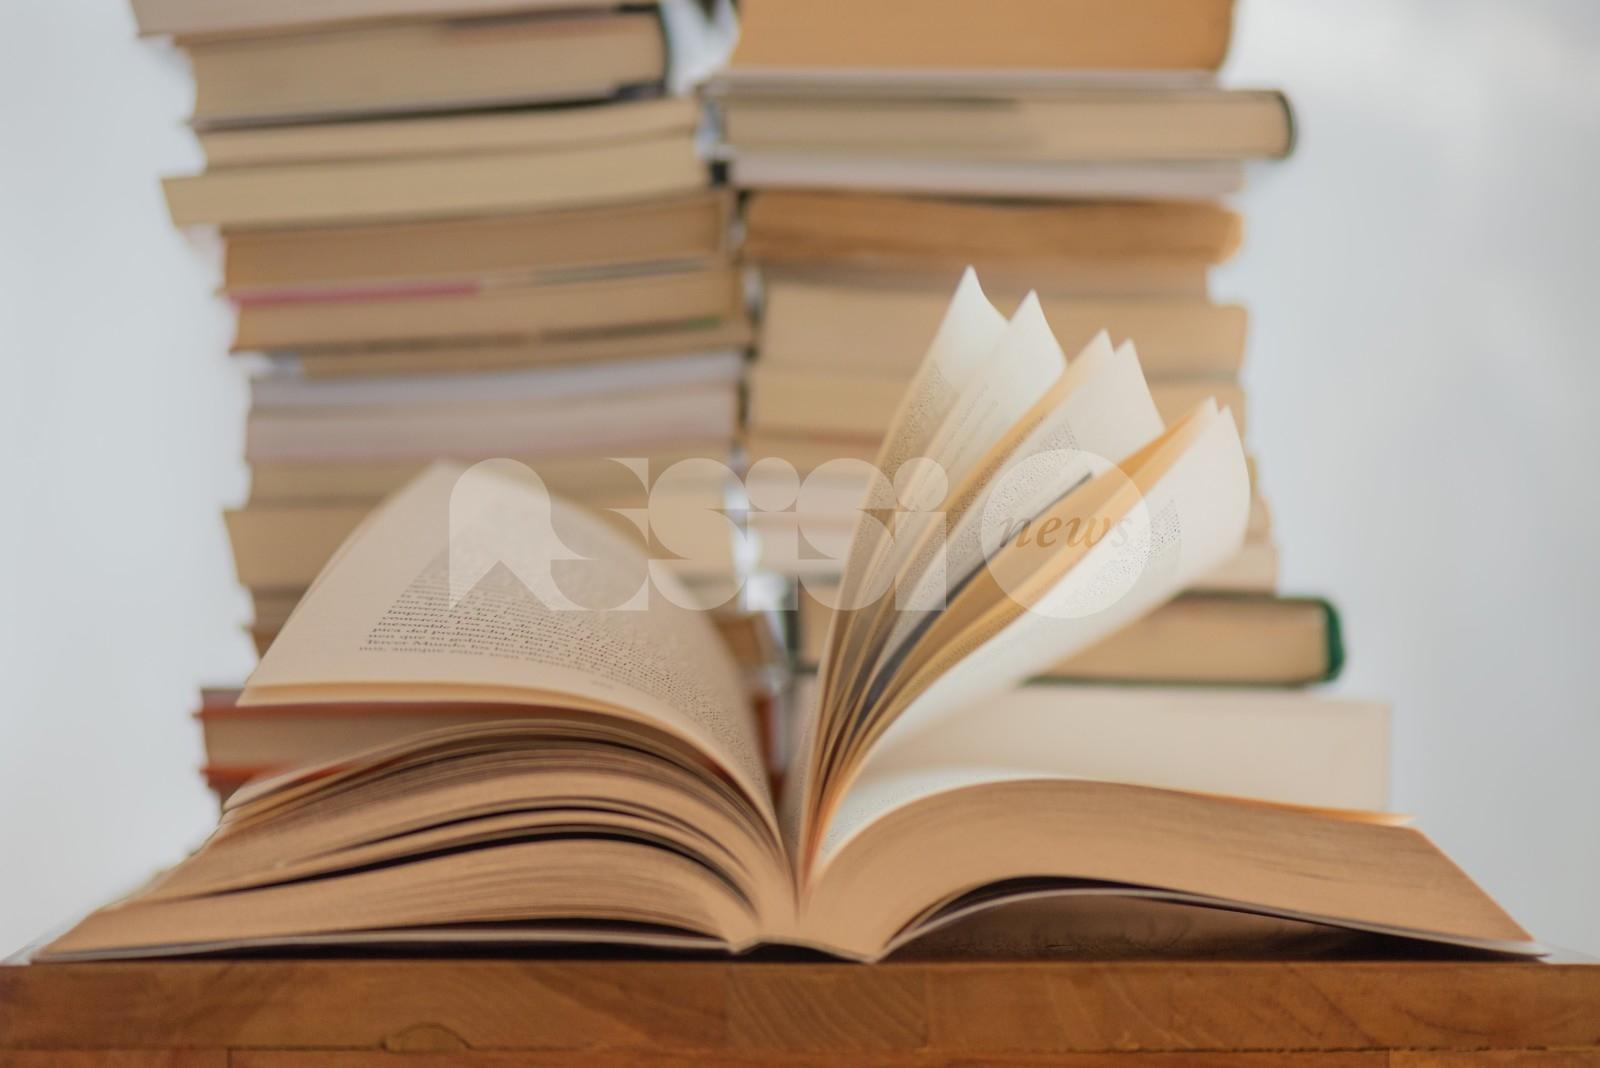 Giornata mondiale del libro 2021 e diritto d'autore: aderisce la biblioteca comunale di Assisi